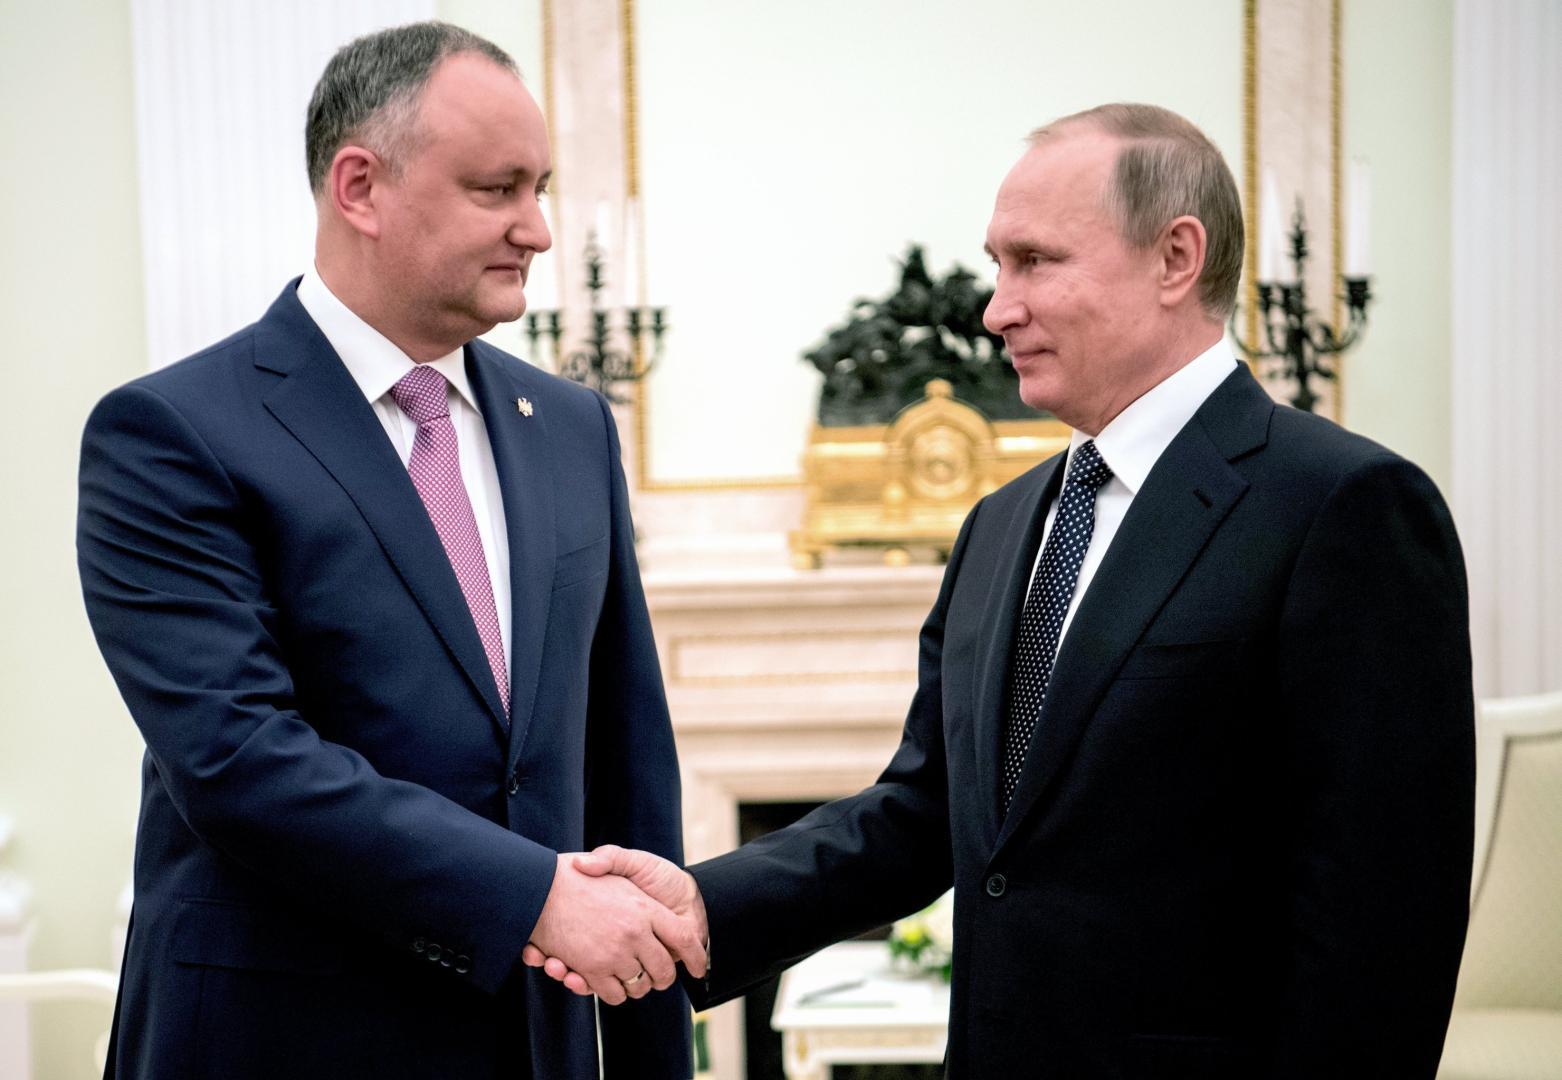 Președintele Igor Dodon, favoritul lui Putin pe scena politică moldovenească